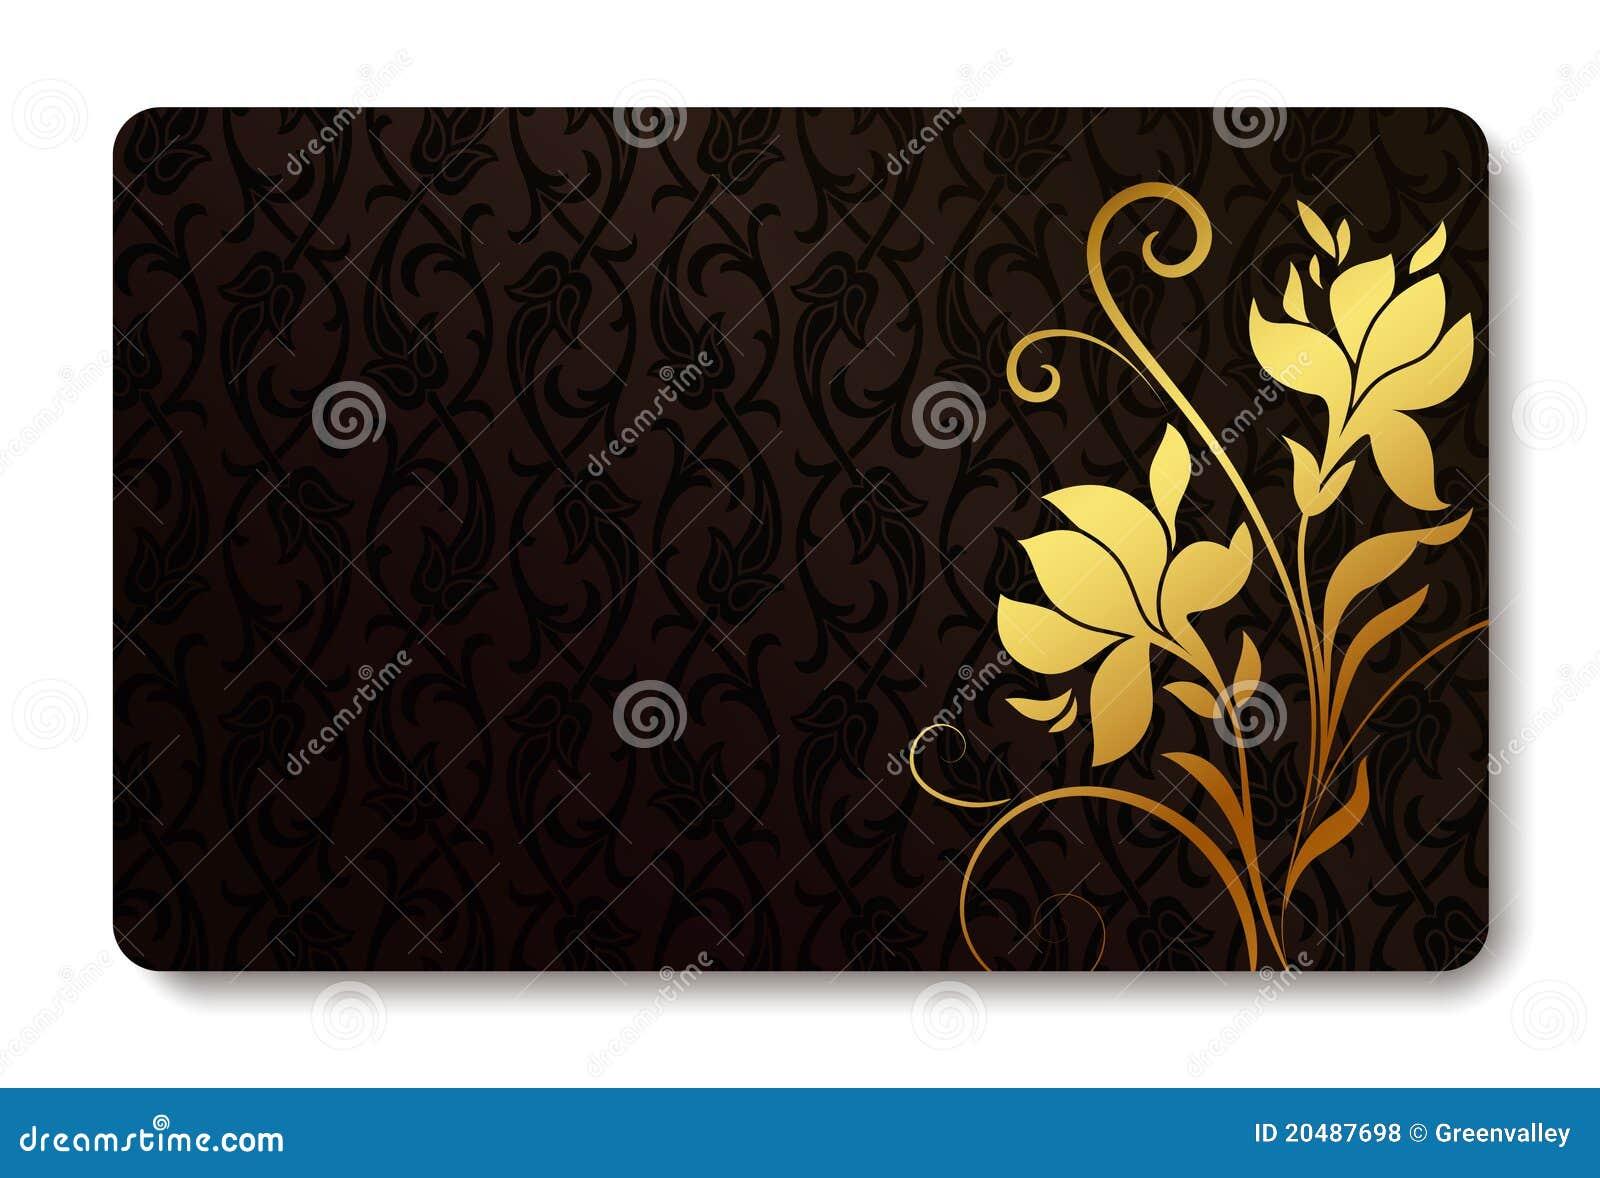 Conception De Fond Par La Carte Credit Visite Professionnelle Taille Normale Avec Une Fleur Tiree Main Et Place Pour Le